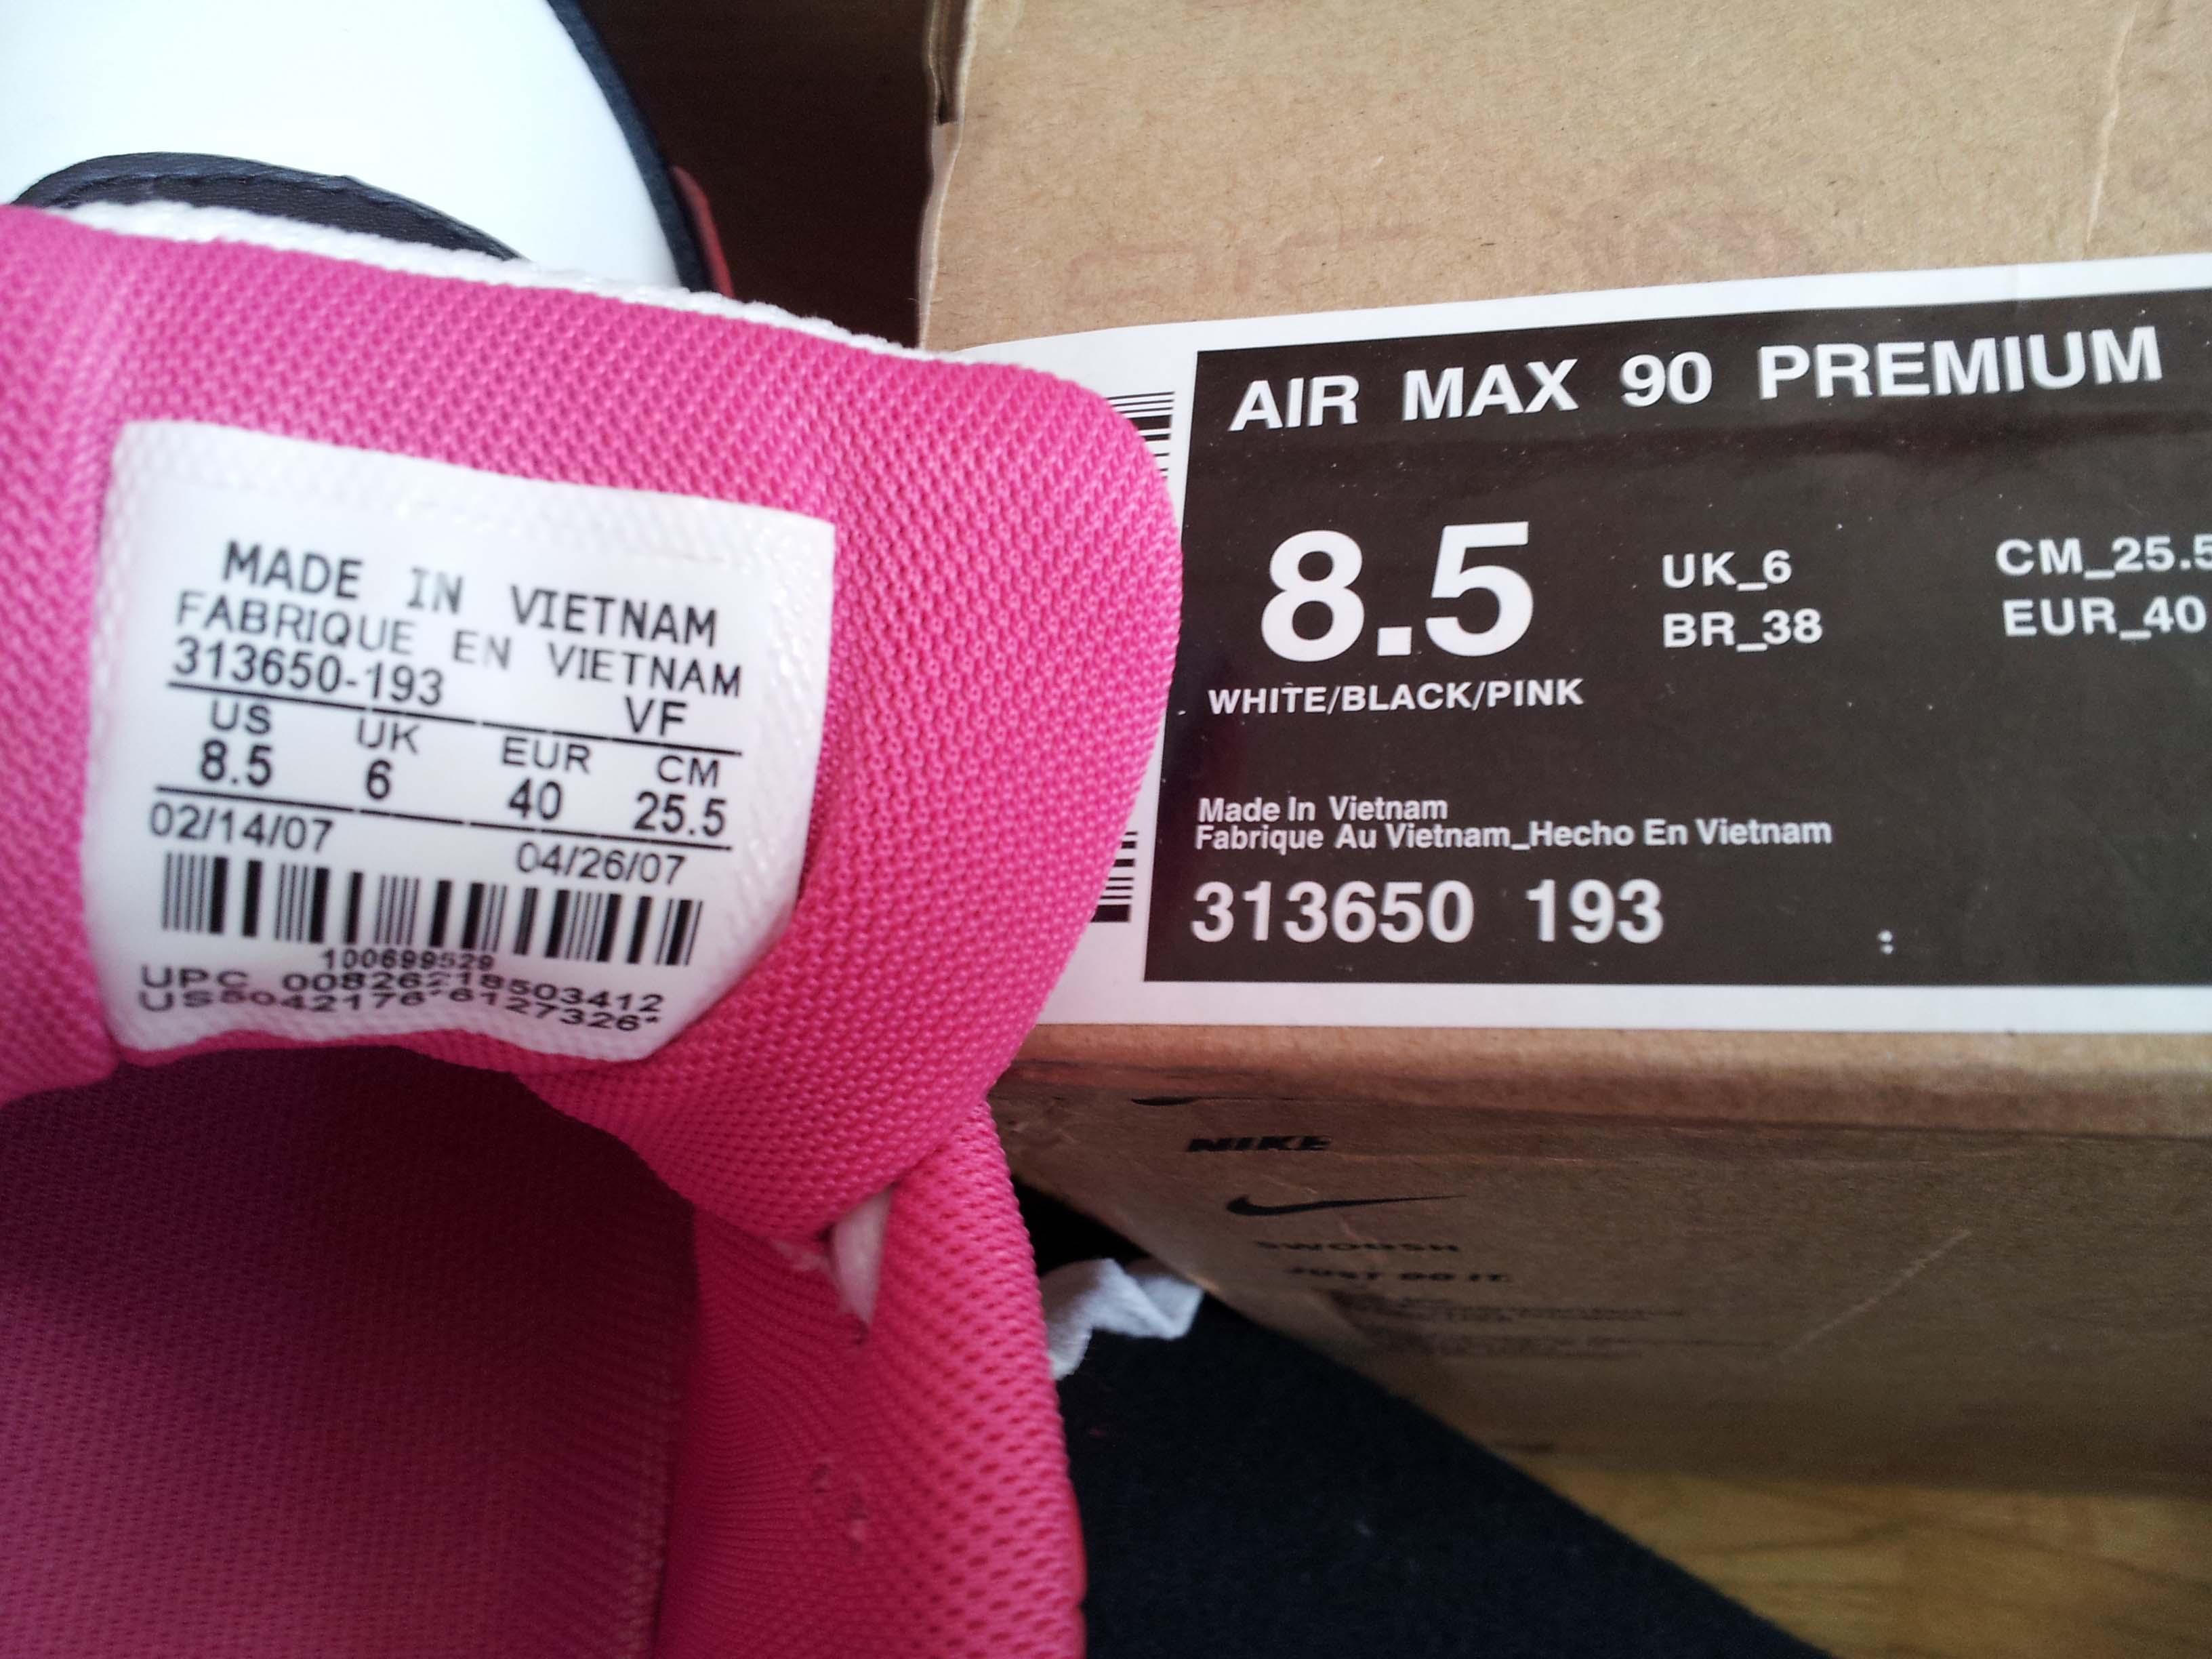 Original Nike Air Max Made In Vietnam